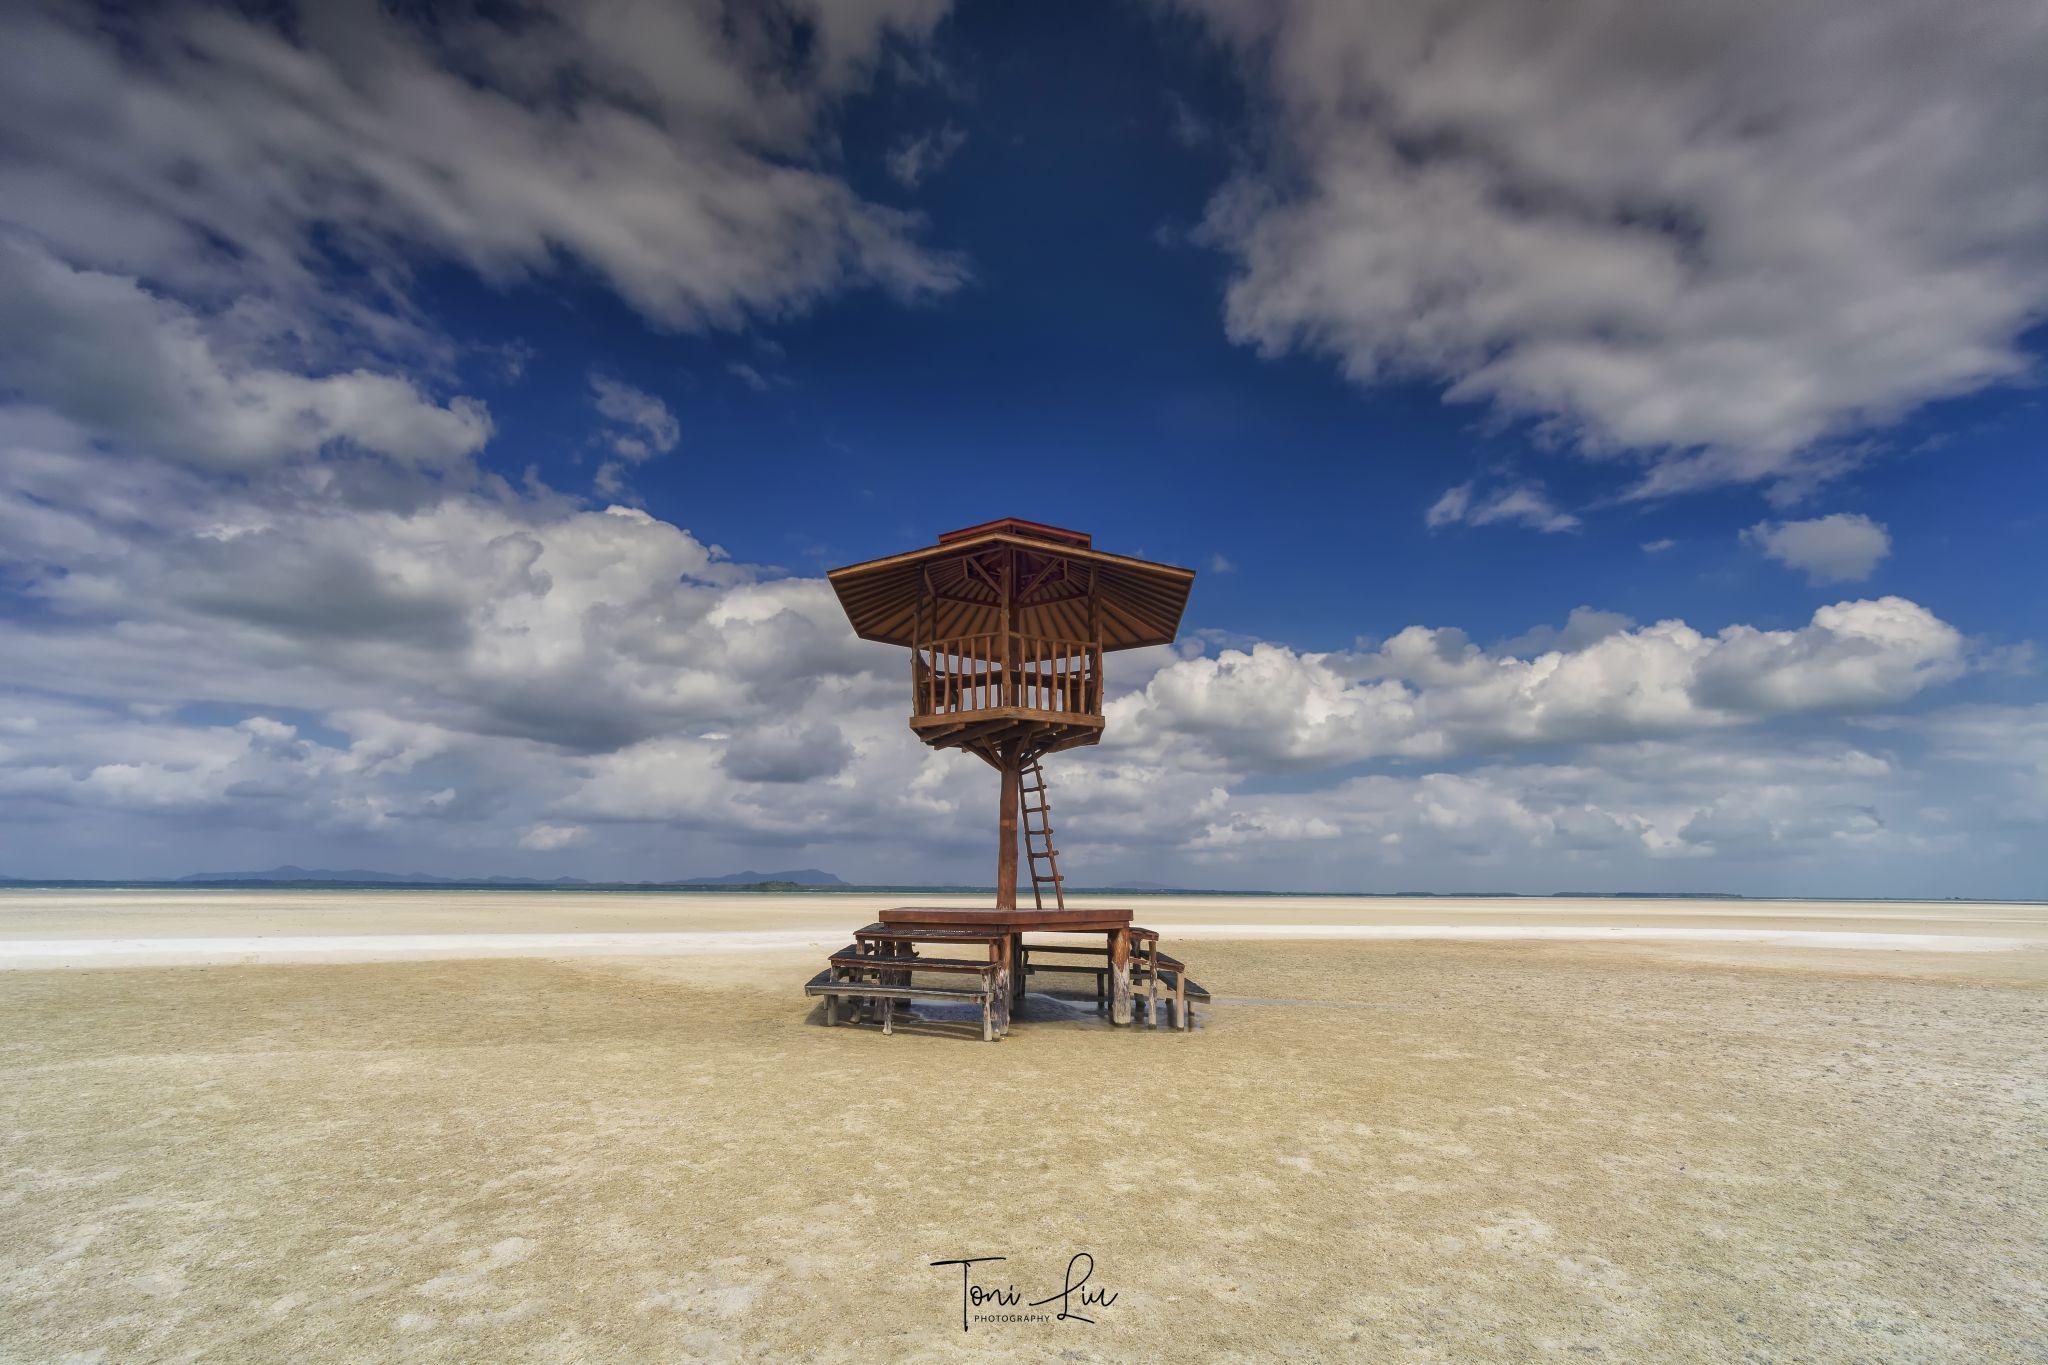 Leebong Island Gazeebo, Indonesia